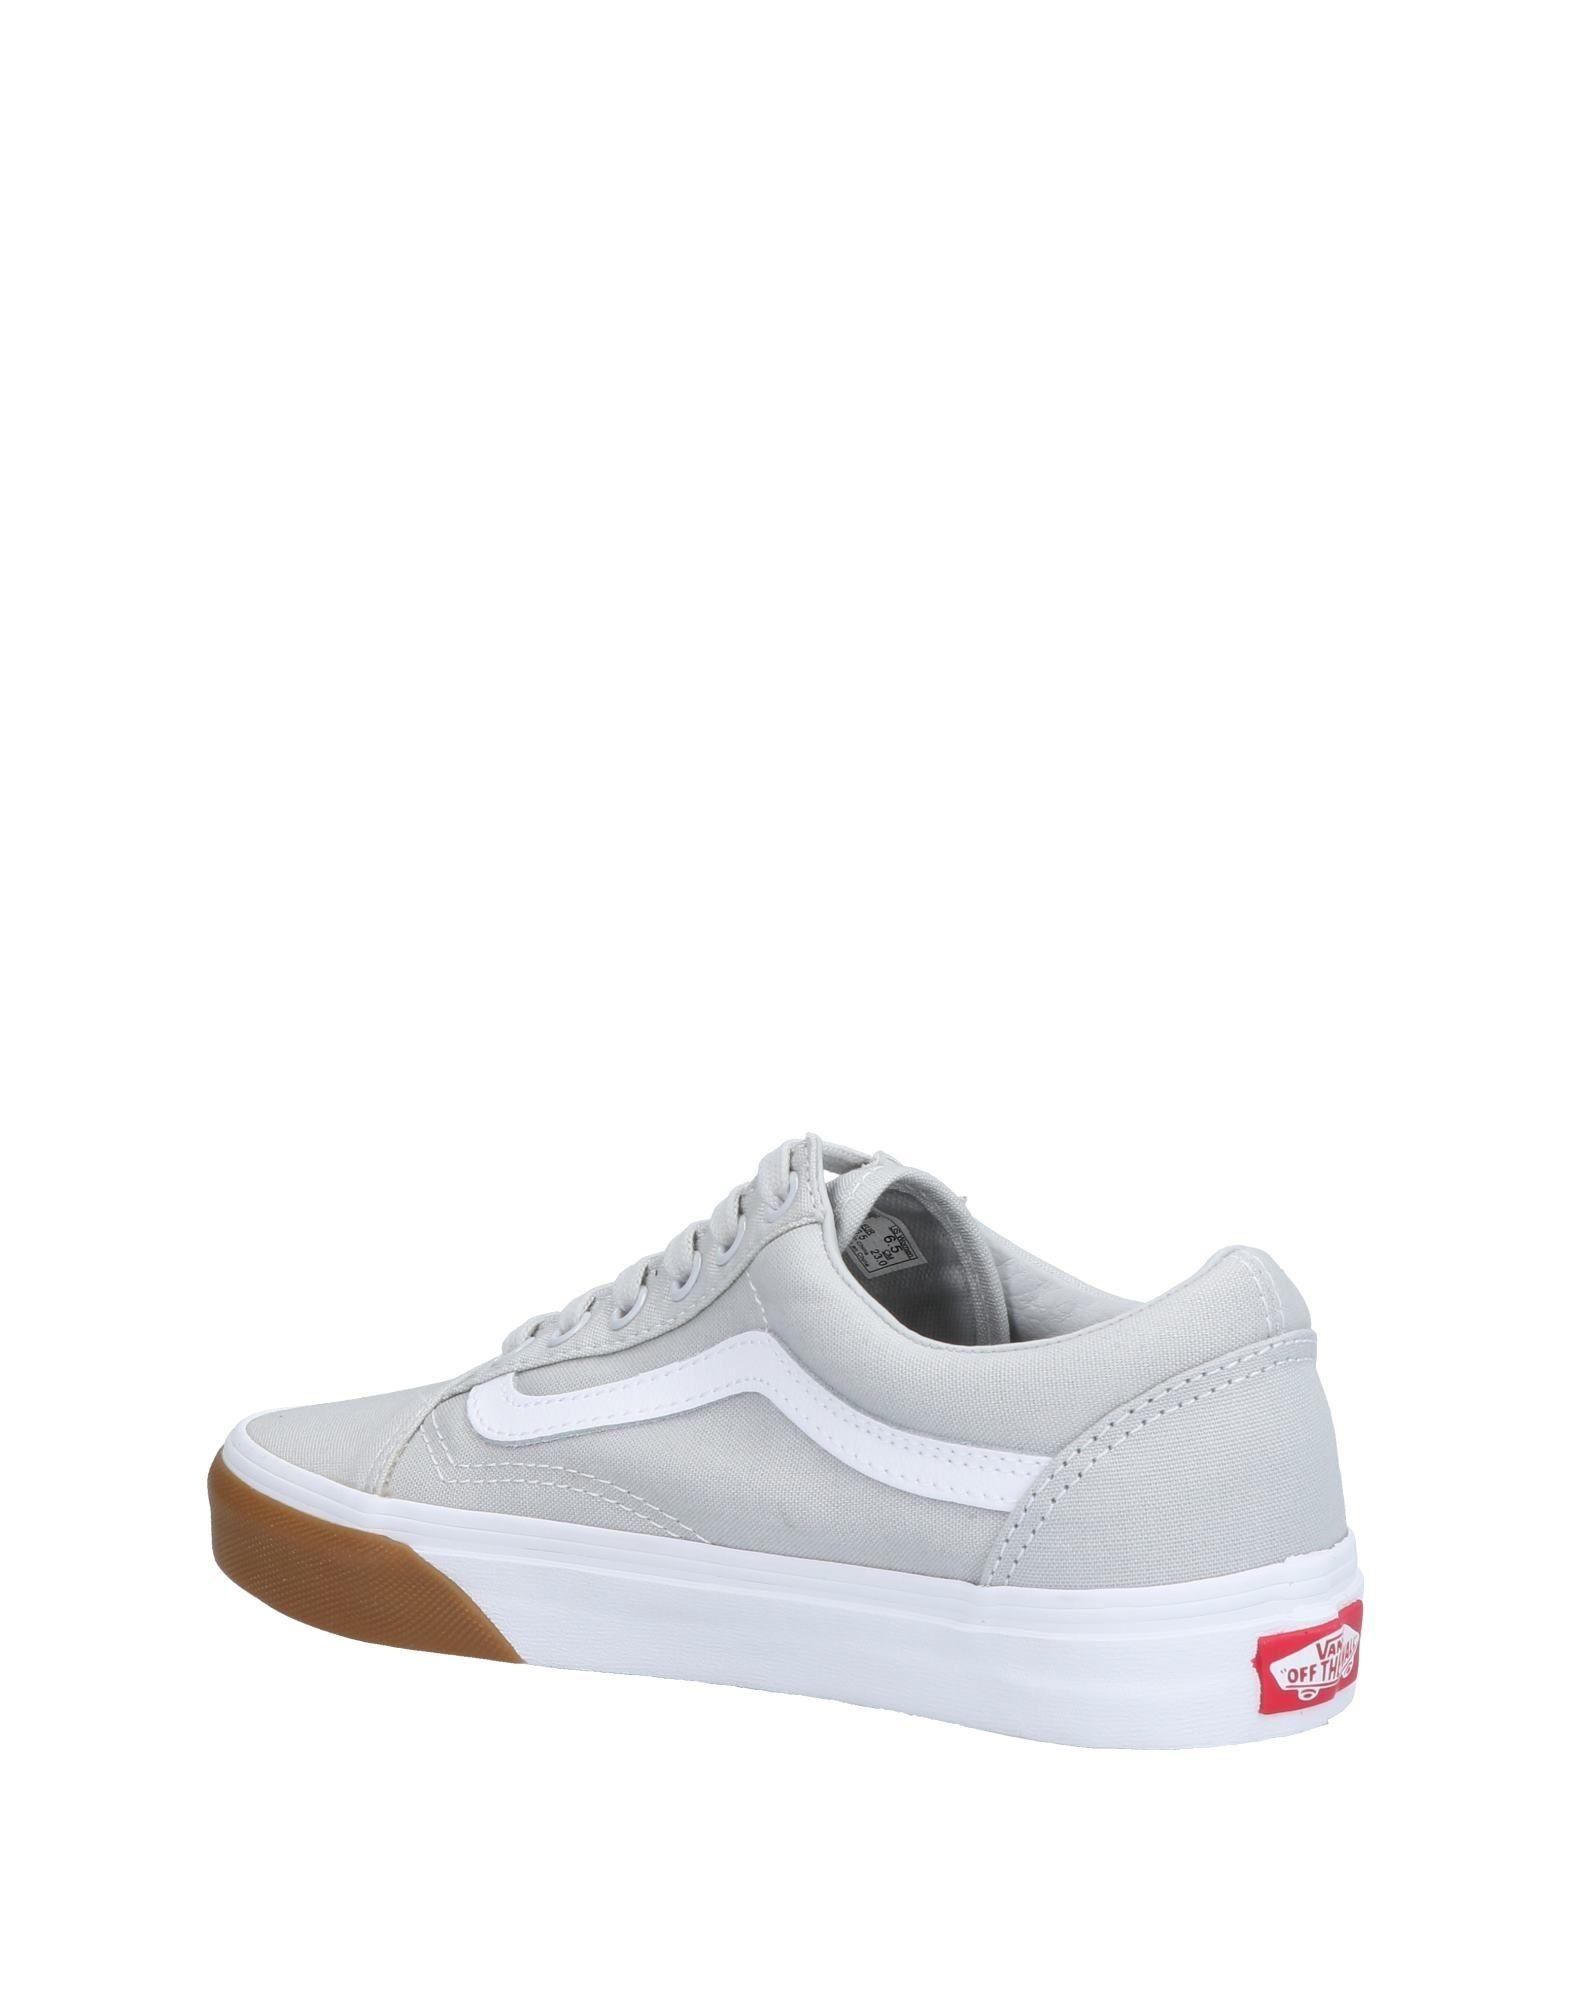 Vans Sneakers Damen Damen Sneakers  11476051CD Heiße Schuhe 0d8885